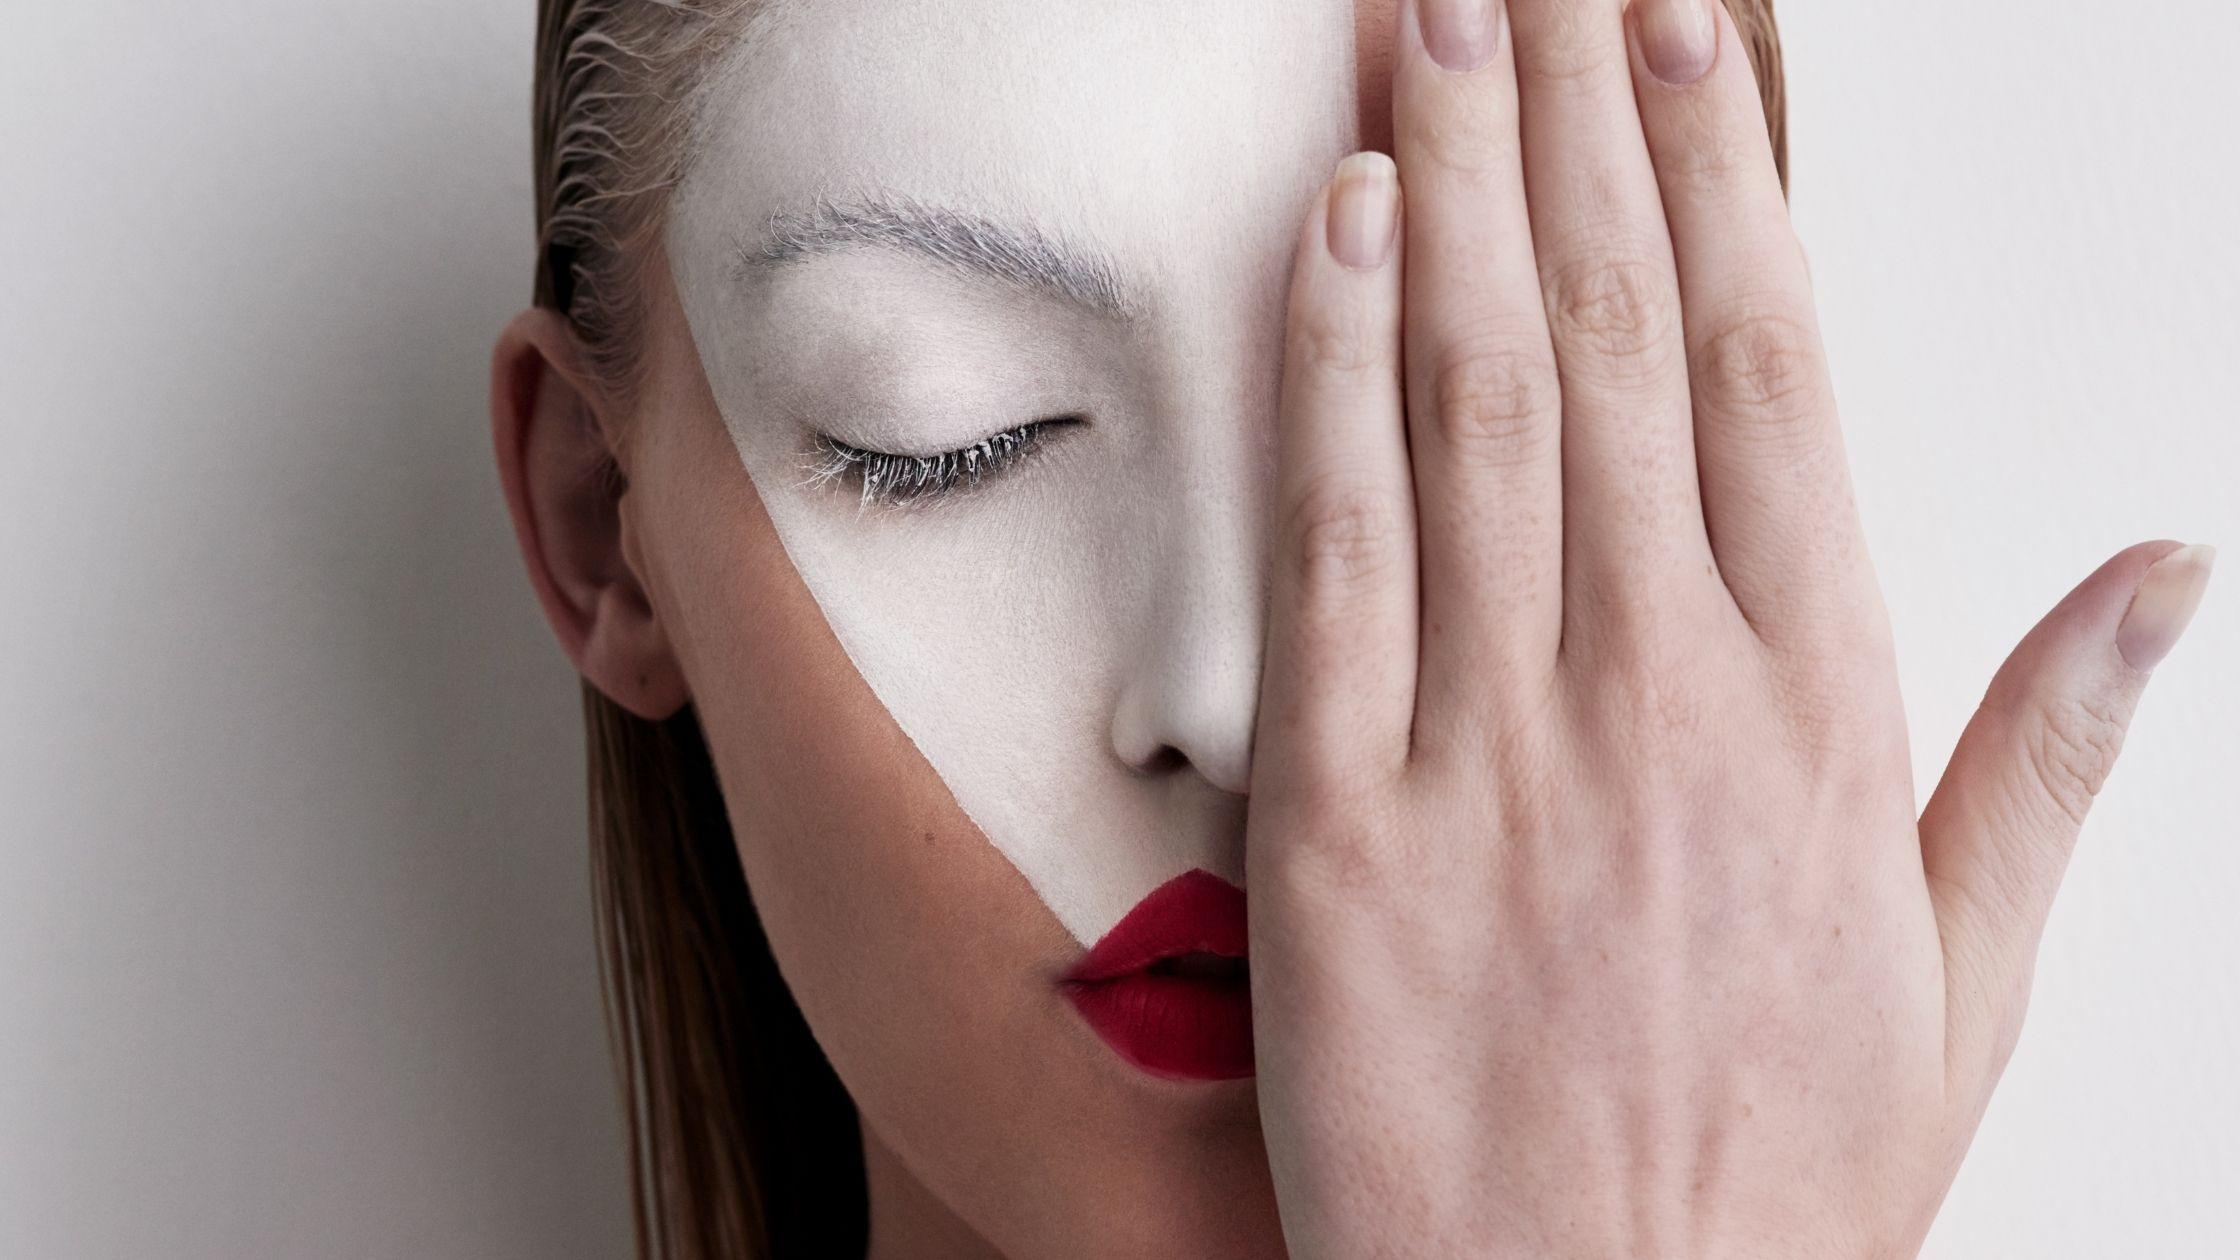 photo d'une tête de femme, elle a les yeux fermés mais cache avec sa main gauche le côté gauche de son visage, ses lèvres ont du rouge à lèvres rouge et des lèvres sur son front, elle a un masque peint en blanc, elle est belle et mystérieuse, cette image fait partie de cet article intitulé « comment surmonter les obstacles »